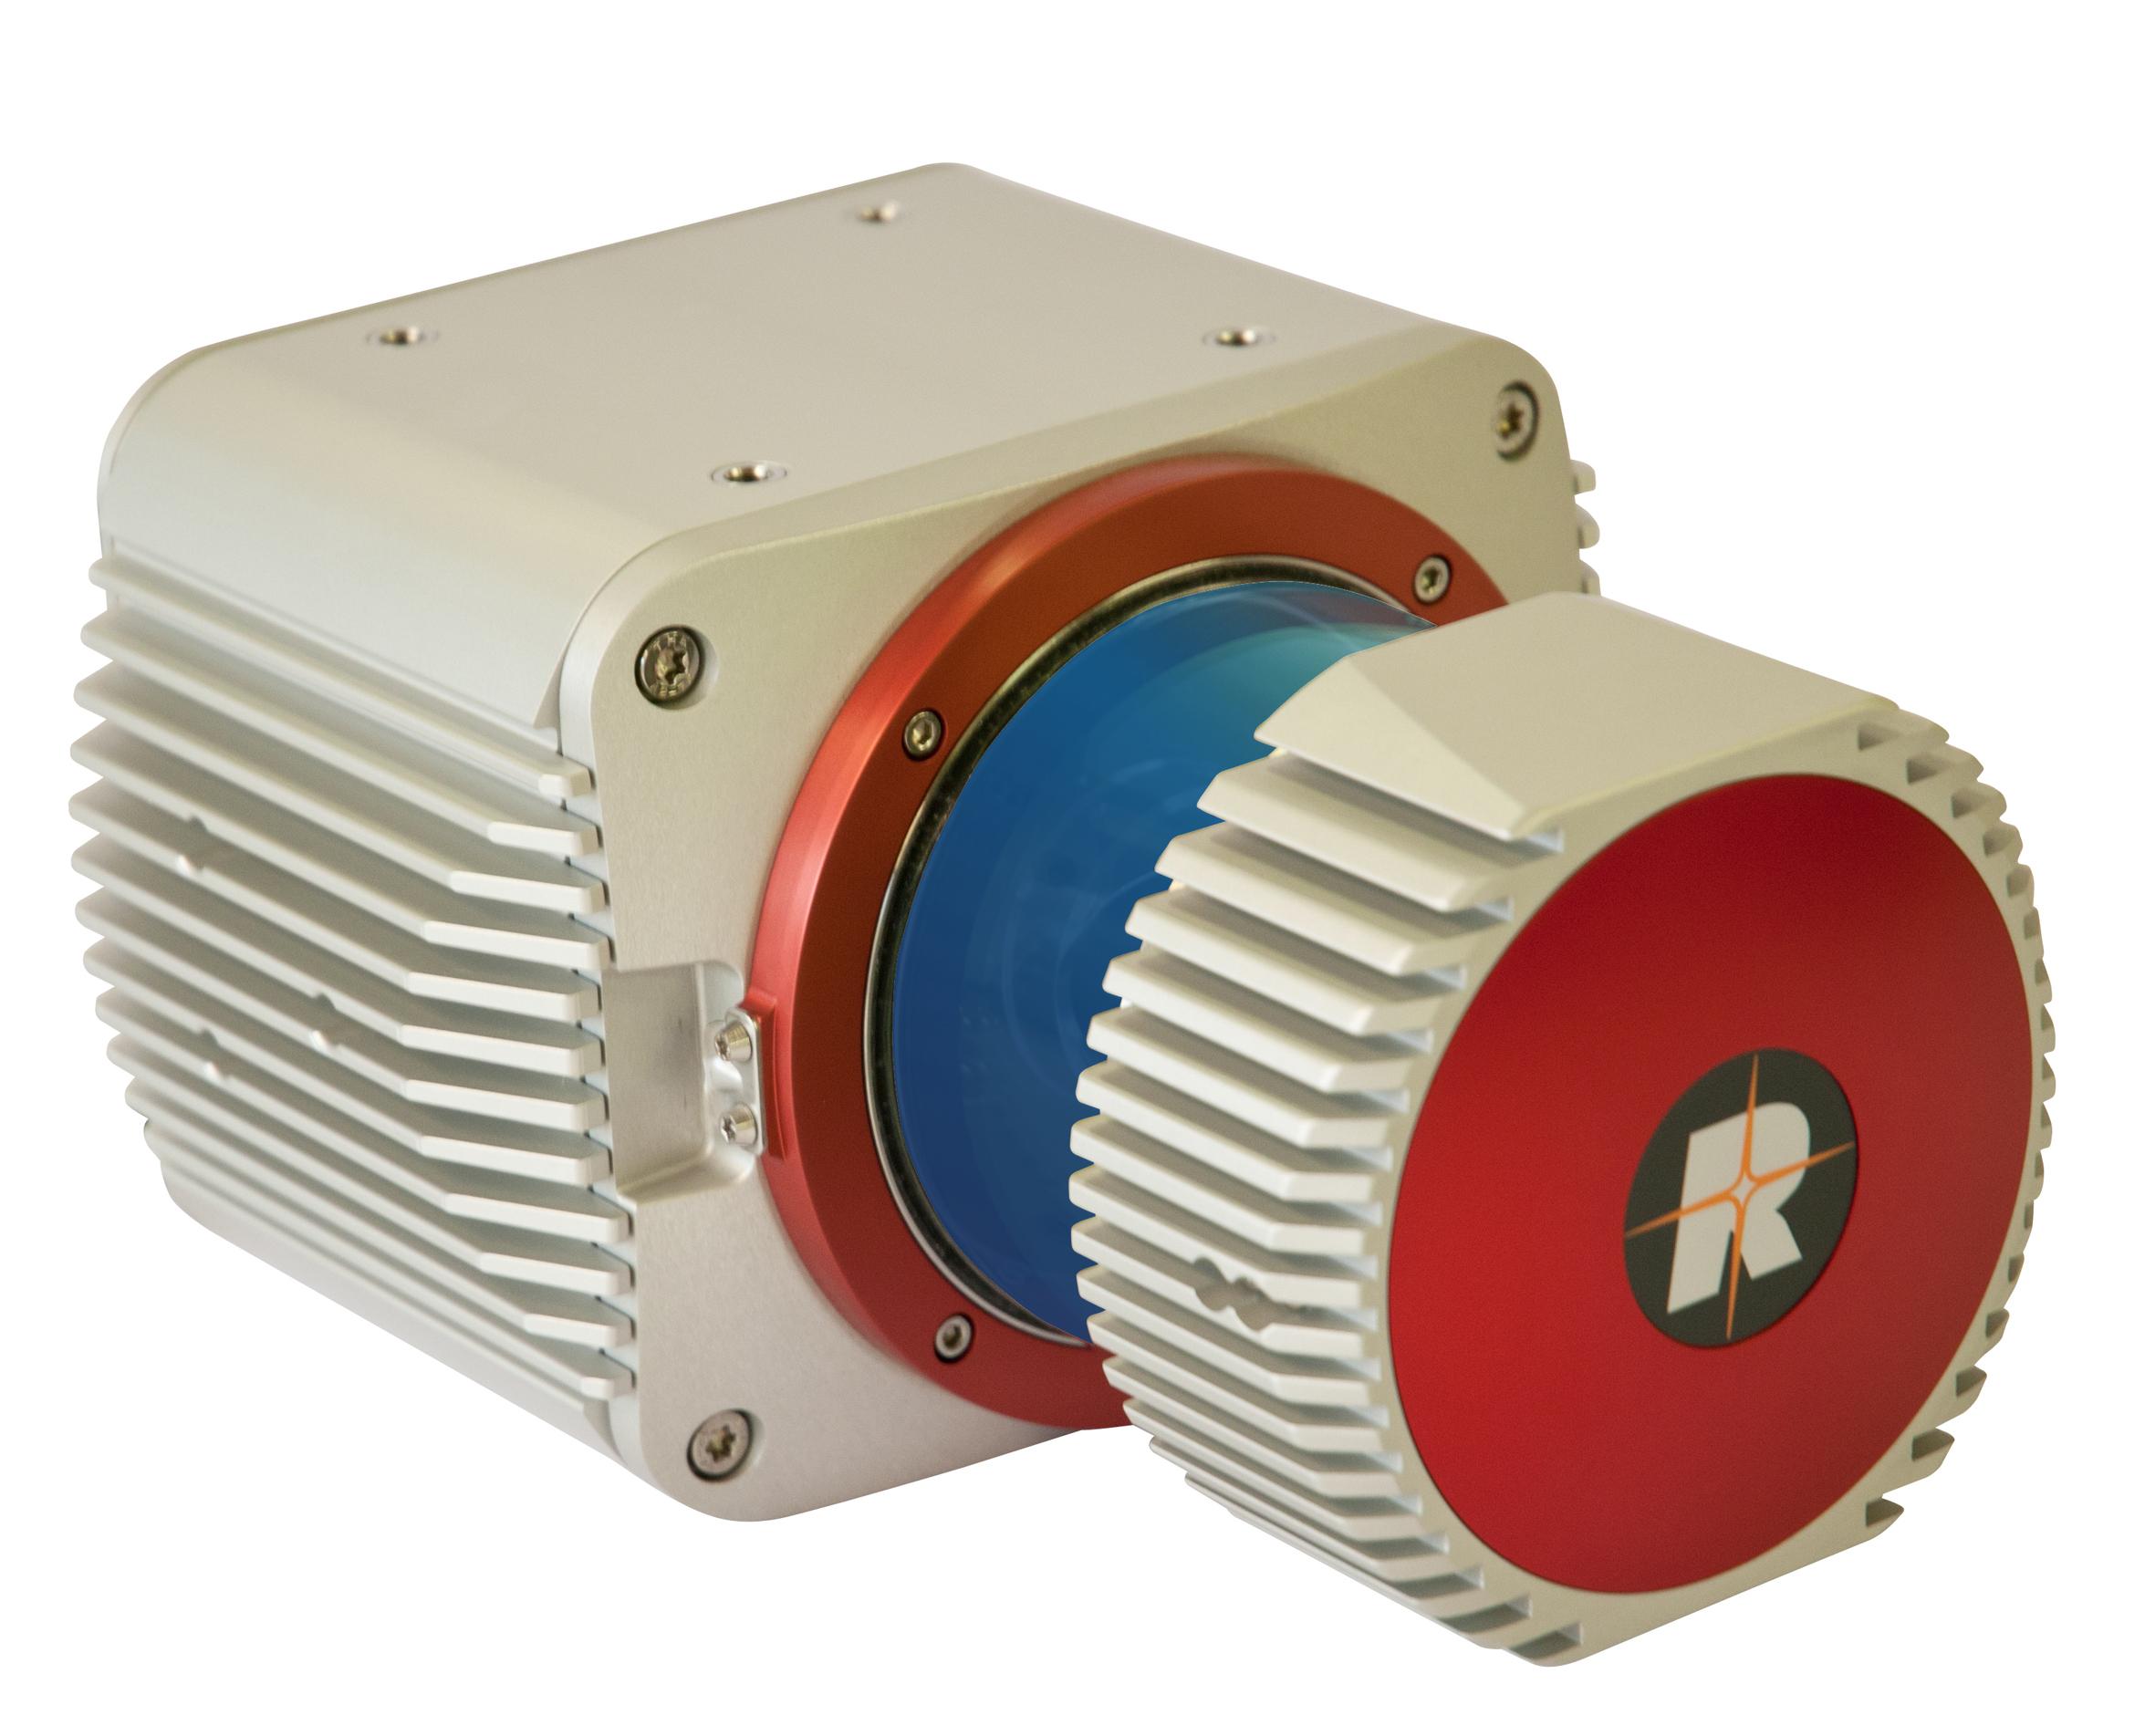 The new RIEGL VUX-1 survey-grade LiDAR sensor for UAS / RPAS applications (Photo: Business Wire)